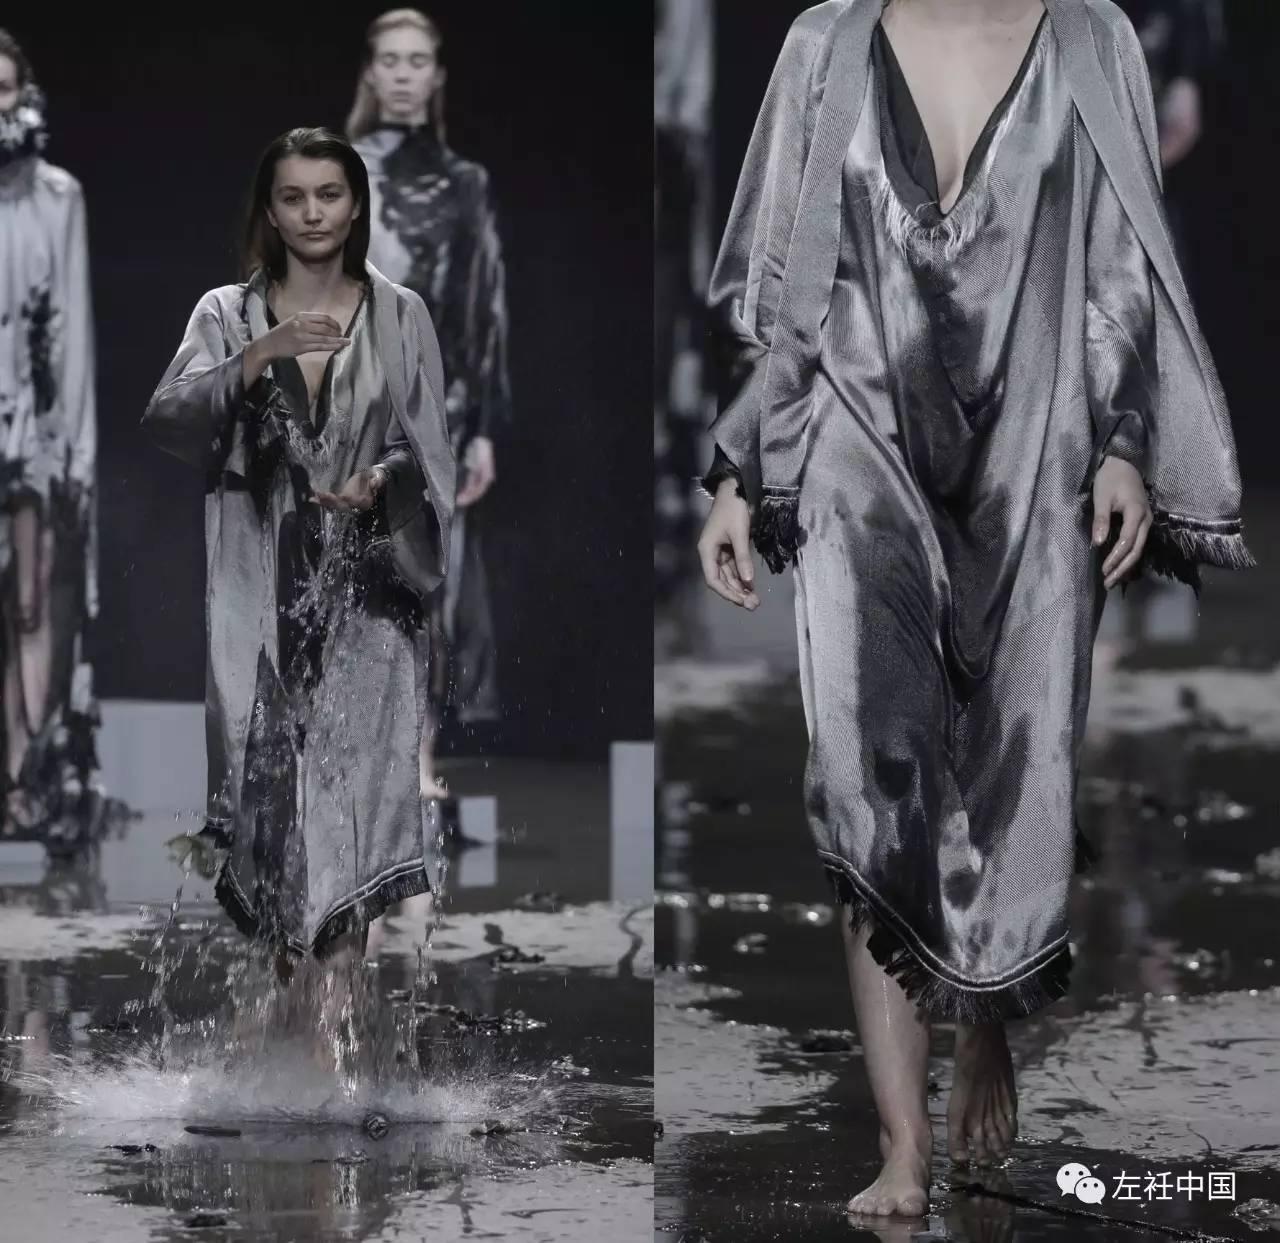 遇水即溶的未来时装震撼全场 ART 第44张